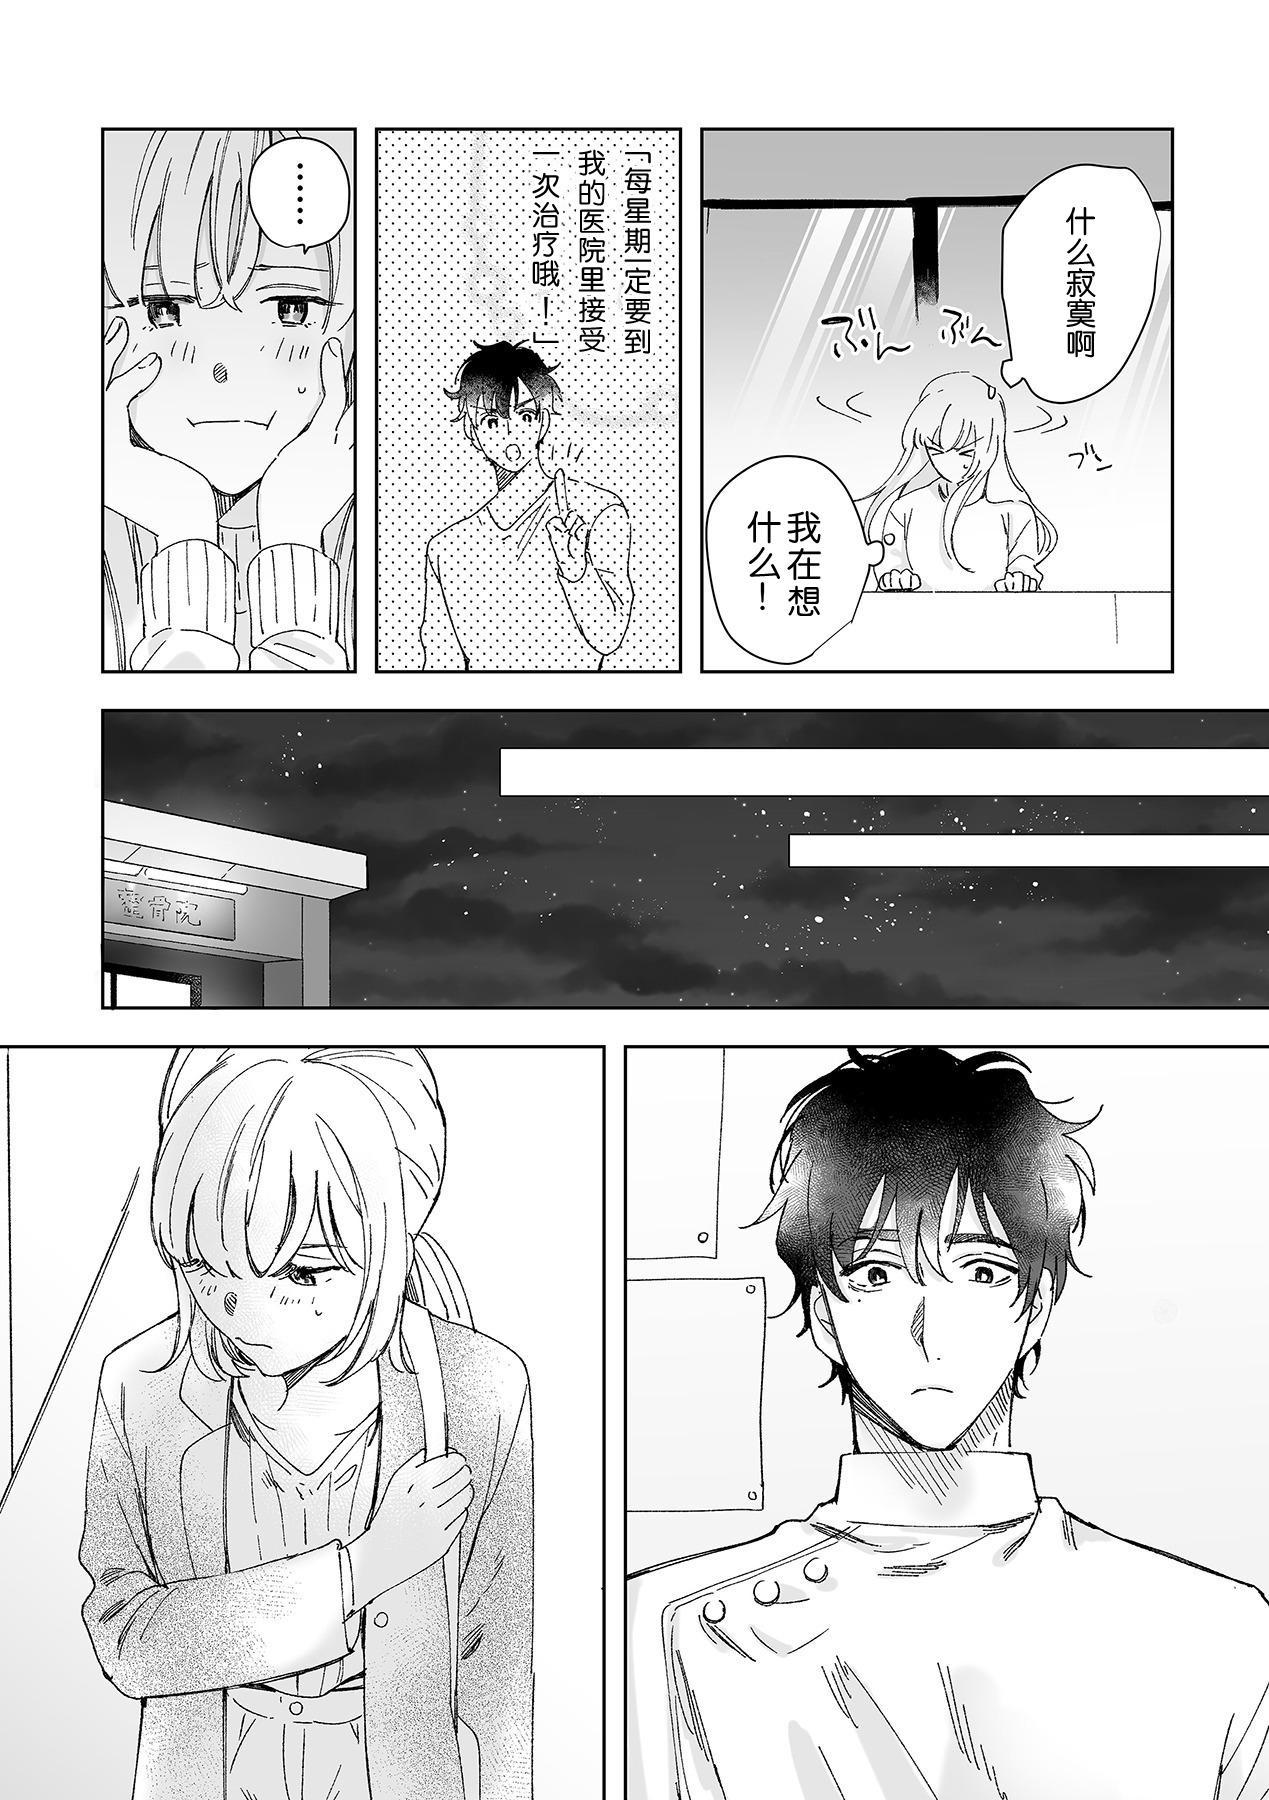 [Ryo] Osananajimi ja tarinai ~ seitai-shi no shigi wa yasashiku zuru i ~   无法满足于青梅竹马的关系~推拿师他的指技又厉害又狡猾~ Ch. 1-2 [Chinese] [莉赛特汉化组] 36